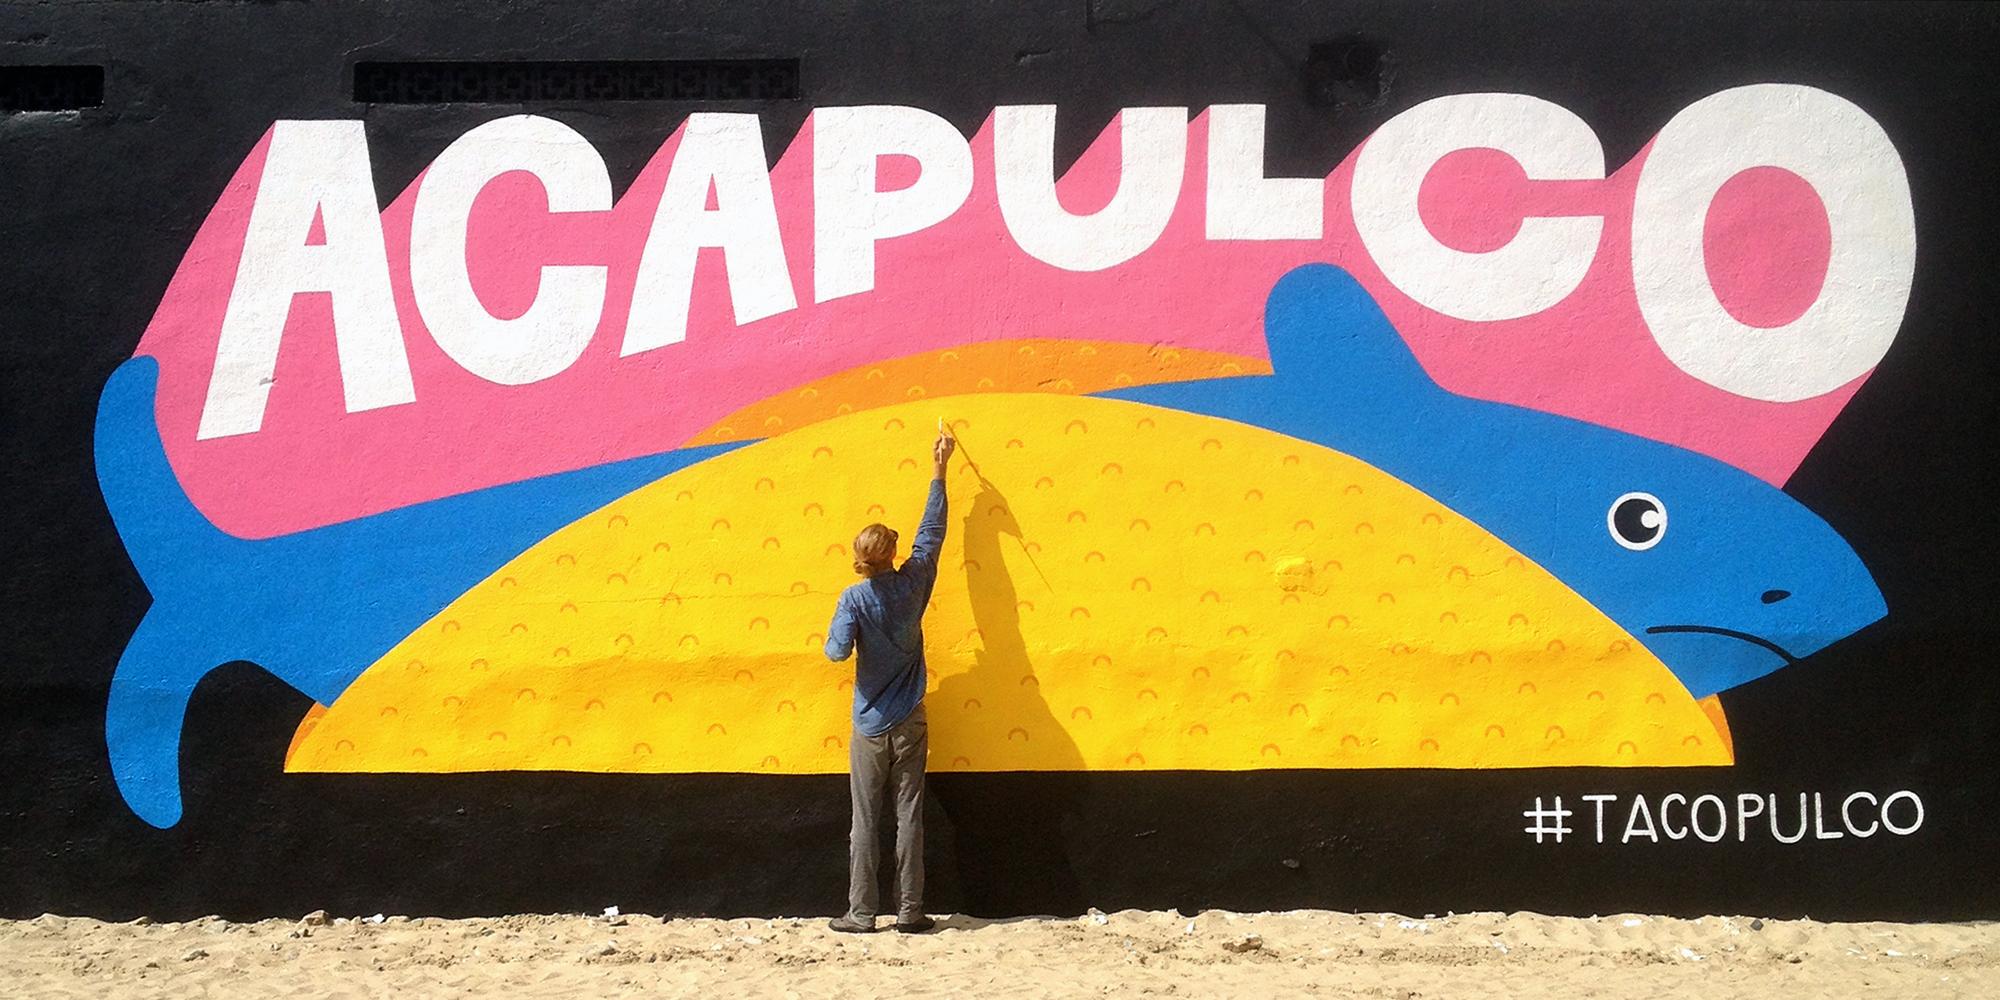 10 meter mural by Ruben de Haas for Muros Despiertos